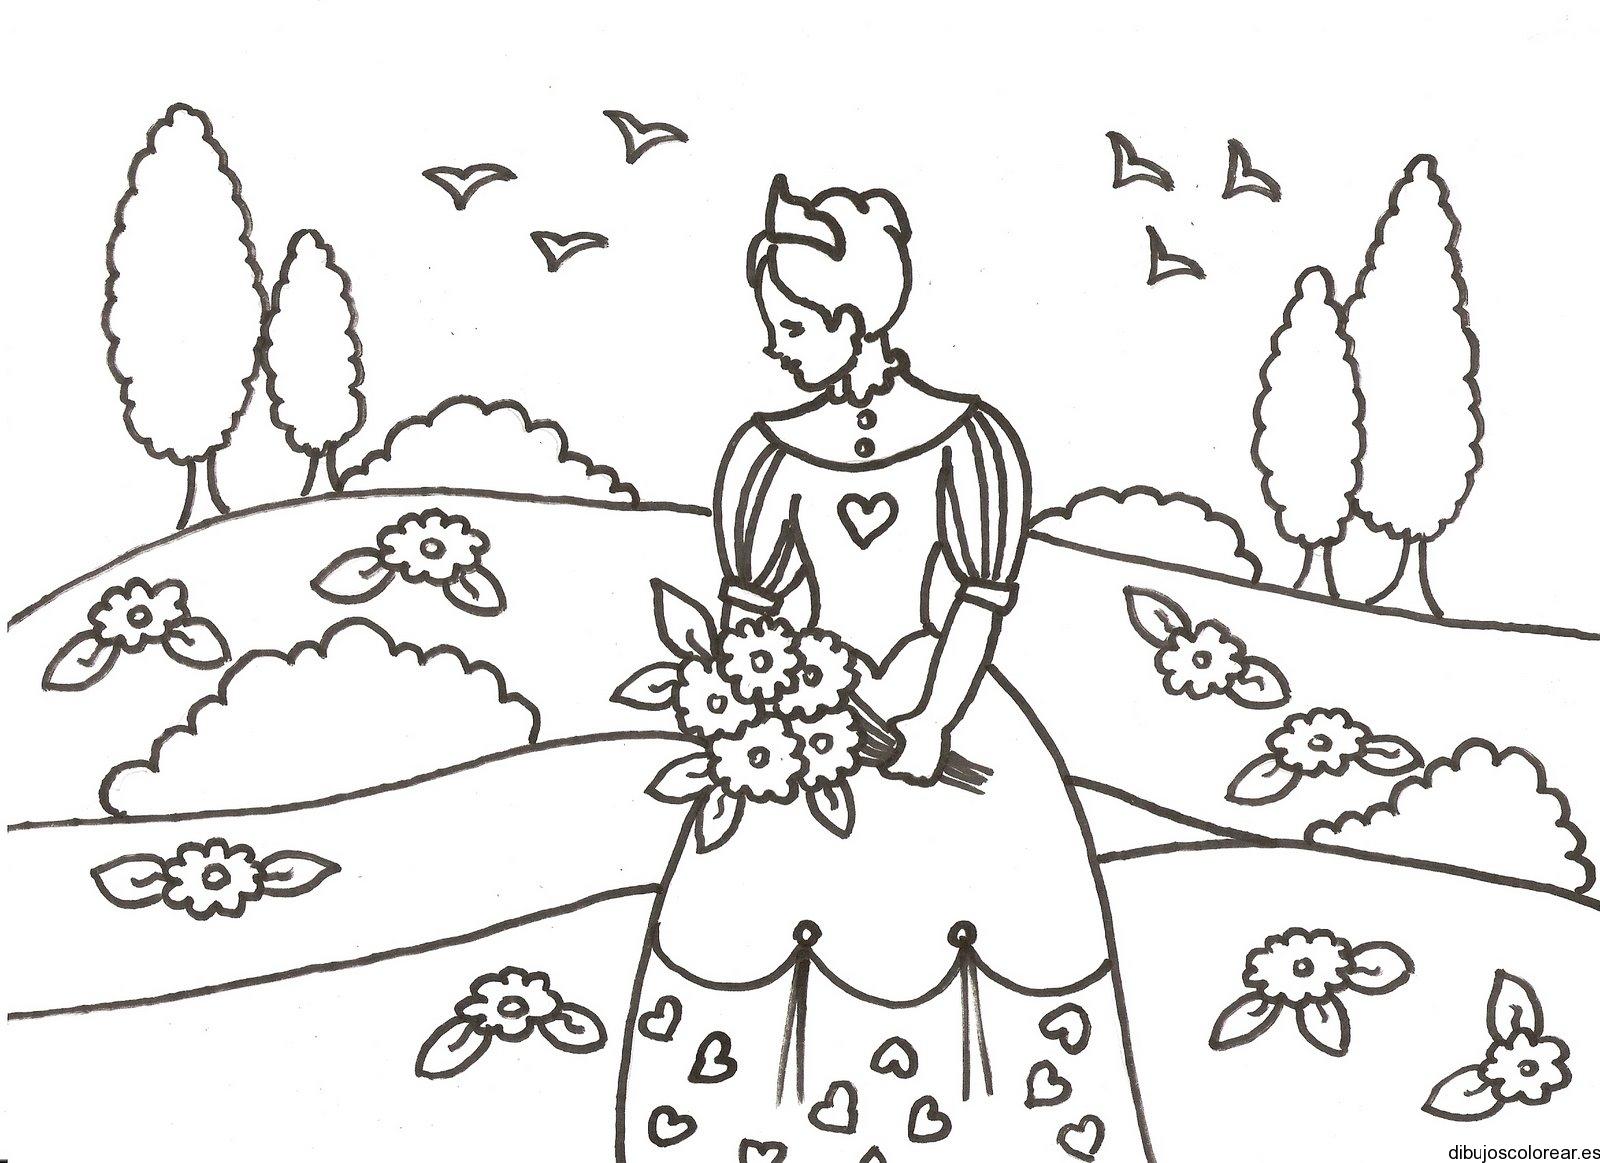 Dibujo De Una Princesa Cortando Flores